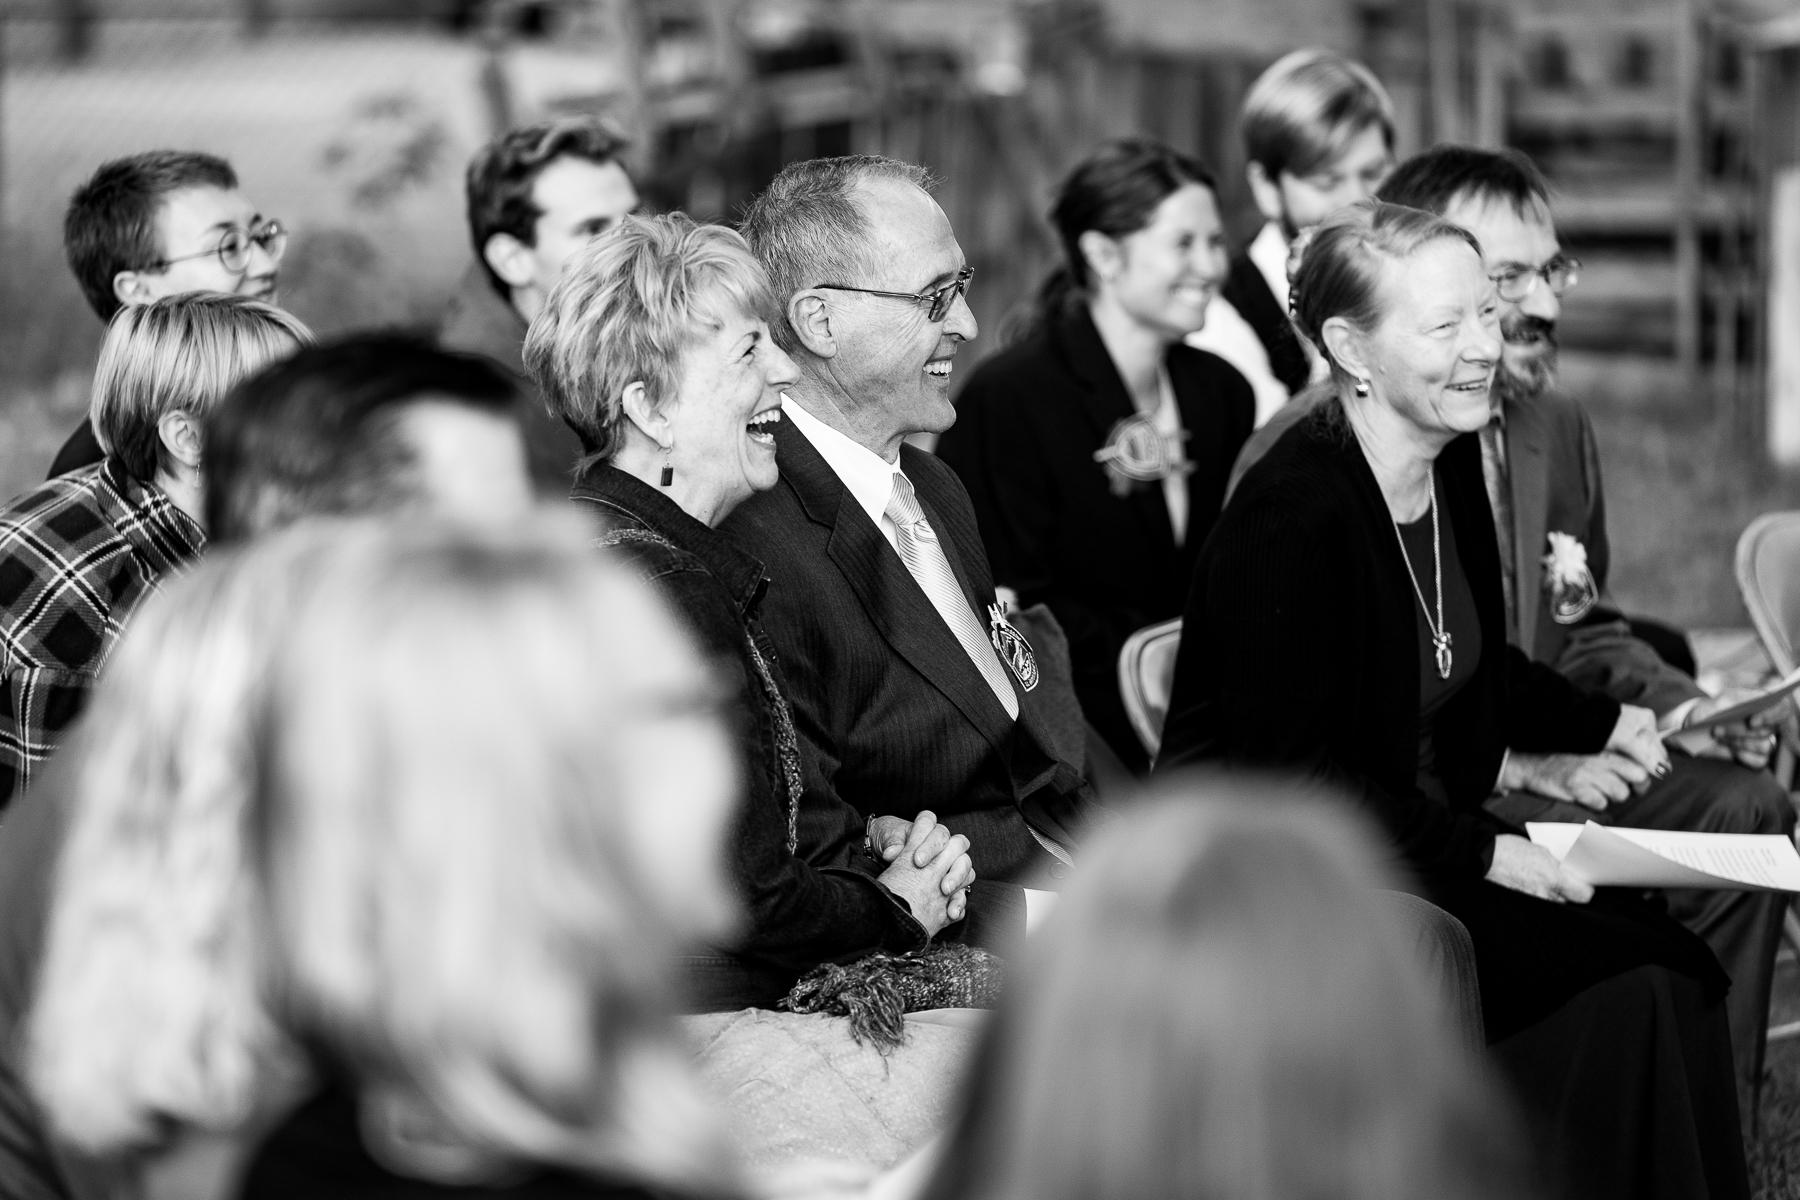 Boulder, CO Hochzeitsfotografie | Alle ihre Gäste lachen, als der Offizier persönliche Anekdoten erzählte